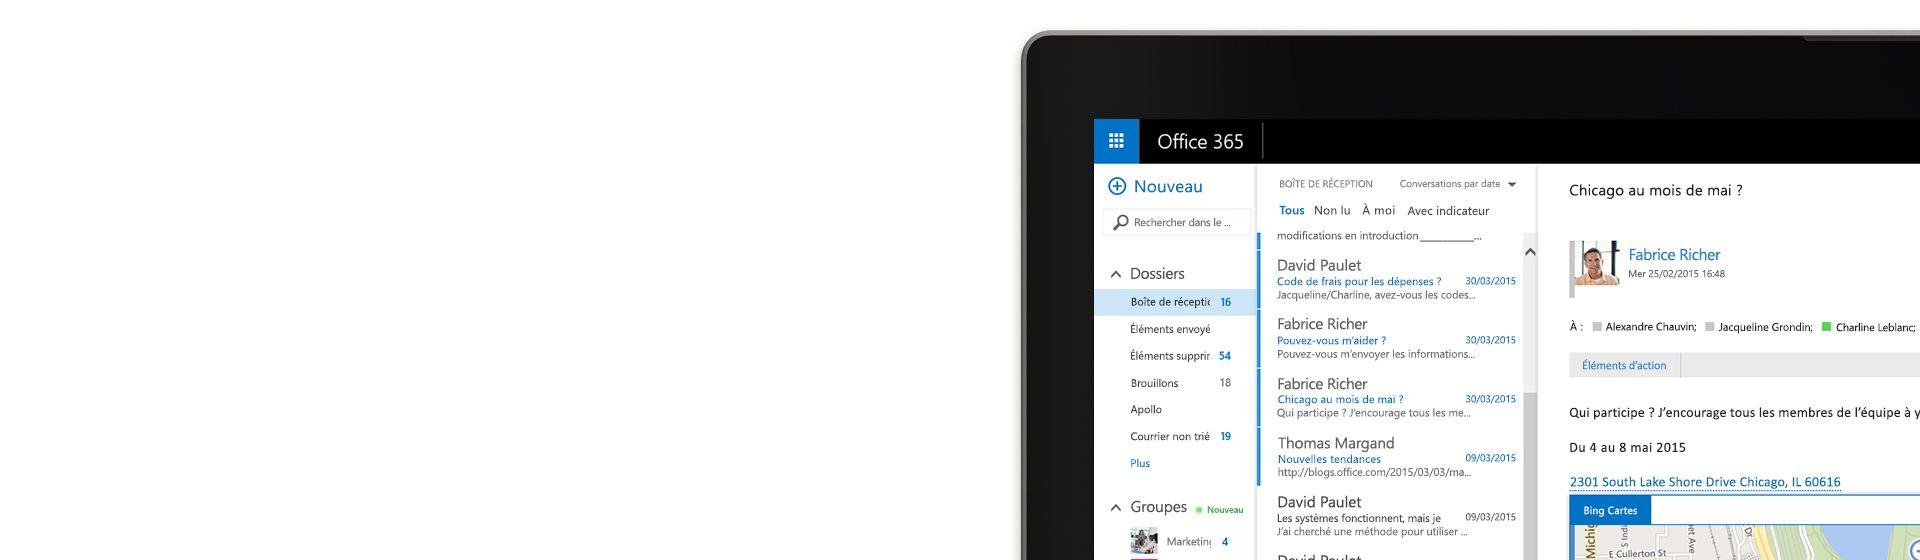 Angle de l'écran d'un ordinateur affichant une boîte de réception dans Office 365